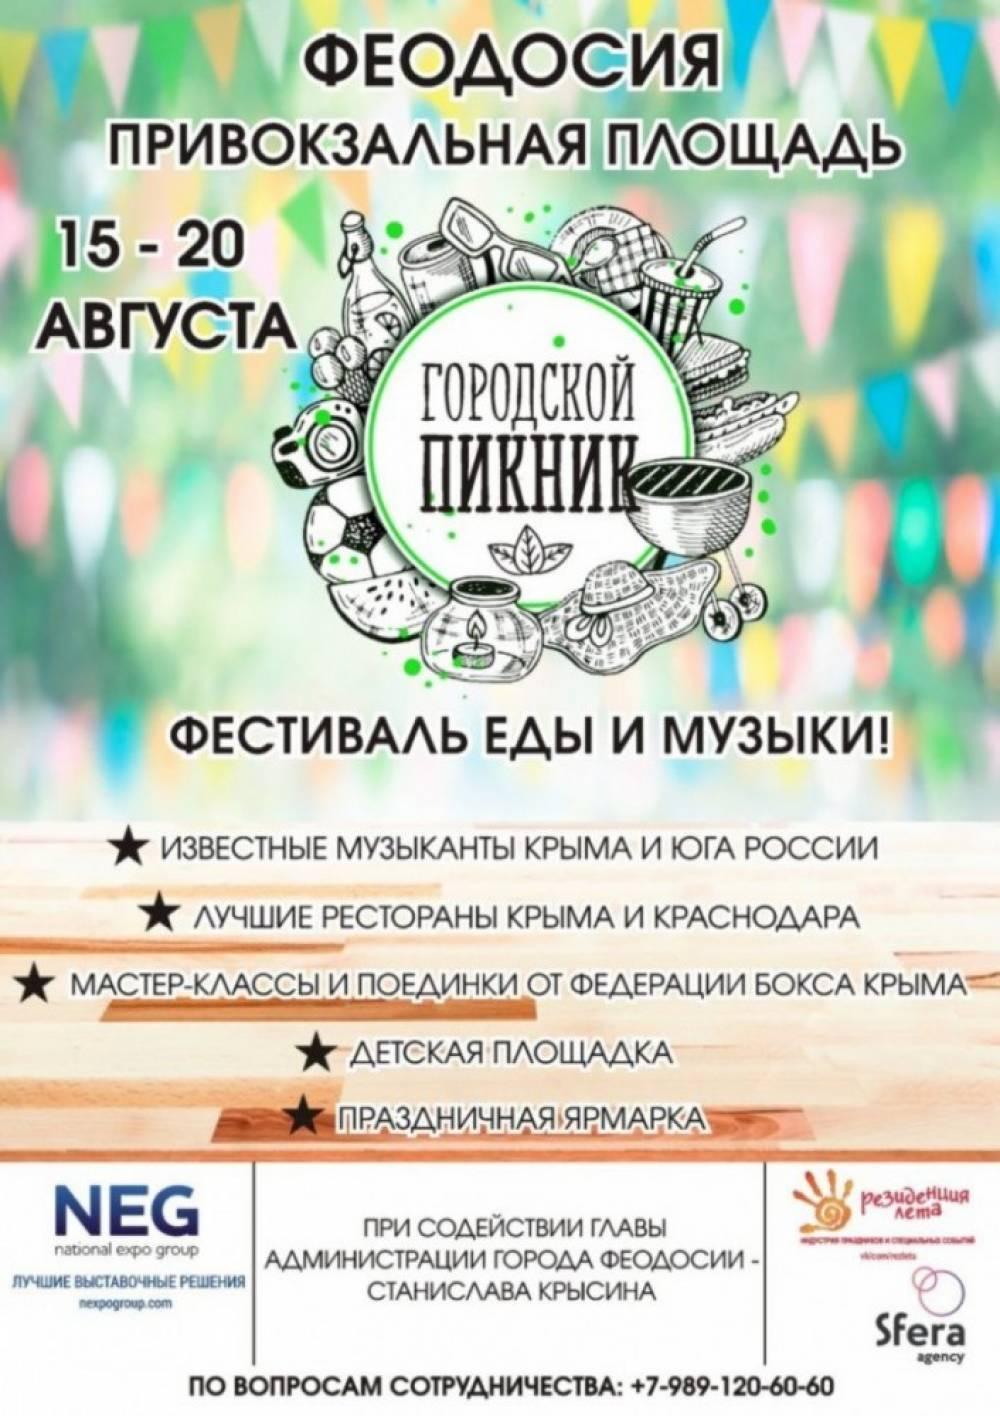 Фестиваль в Феодосии перенесли из-за погоды